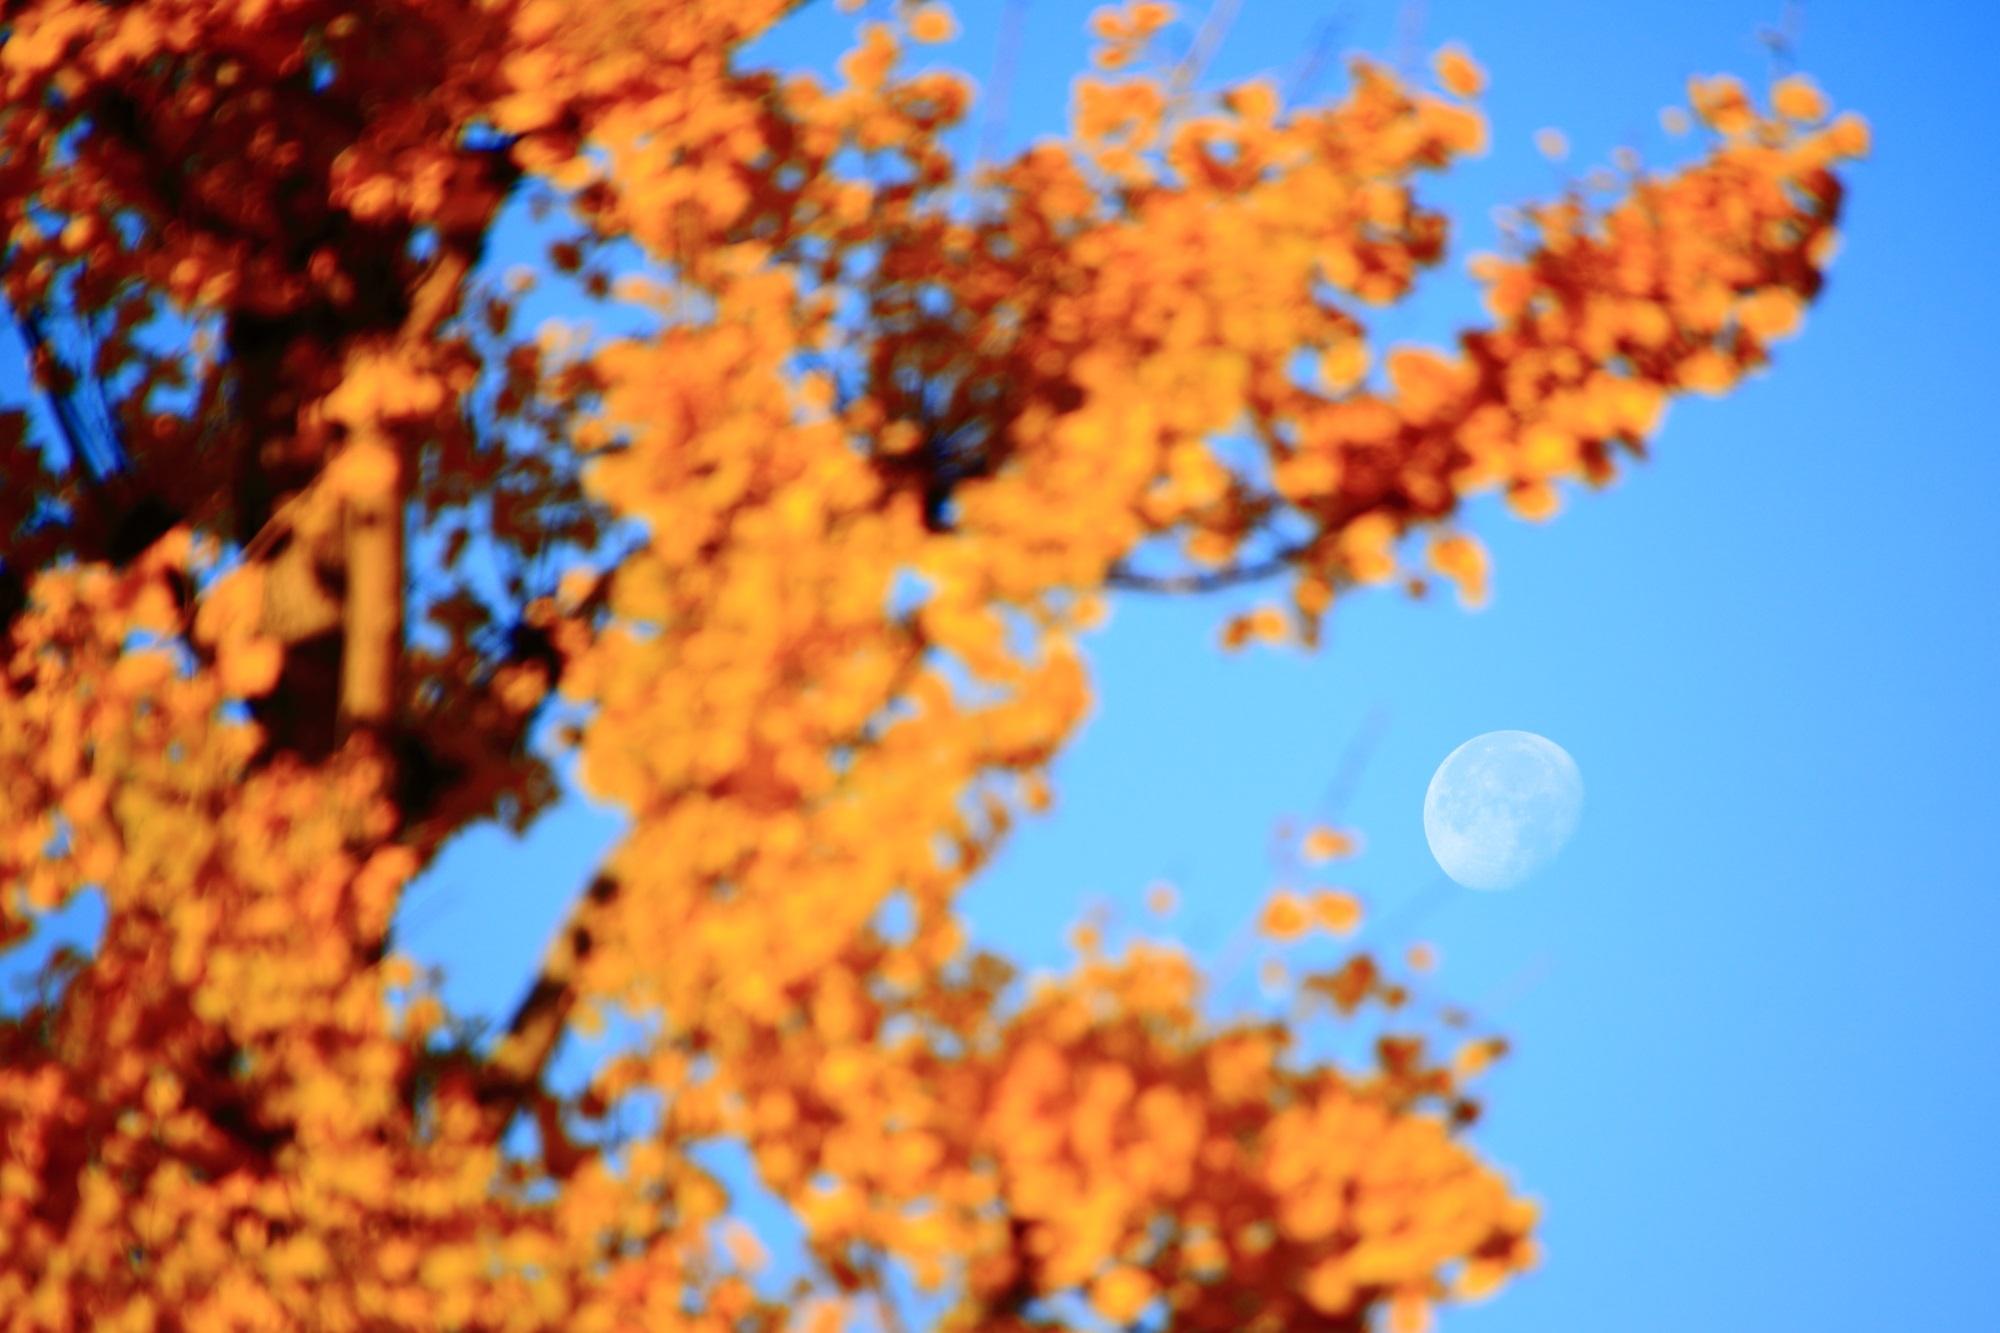 銀杏と青空に浮かぶお月さん